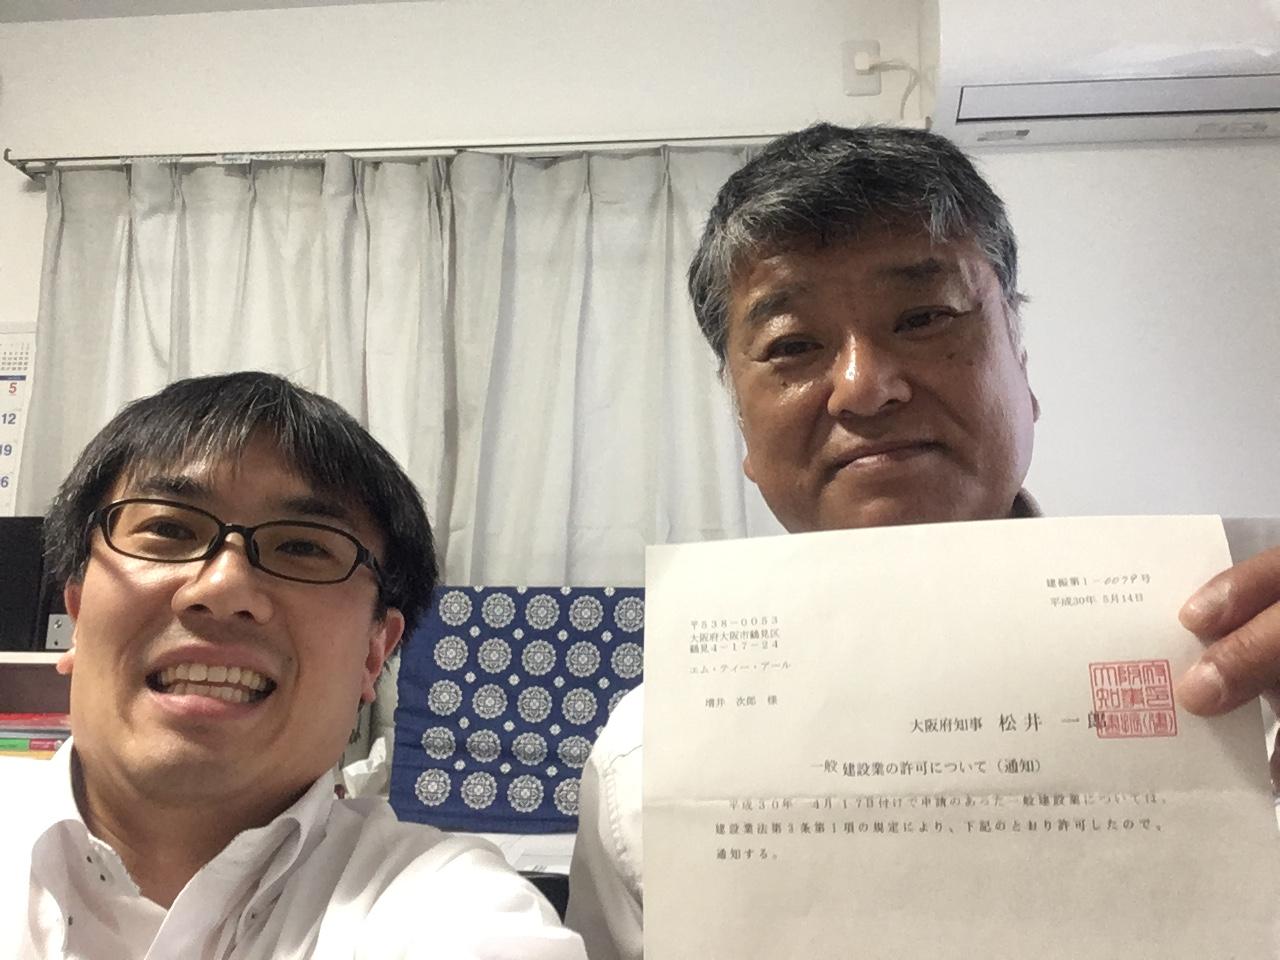 大阪府知事 管工事業 エム・ティー・アール様